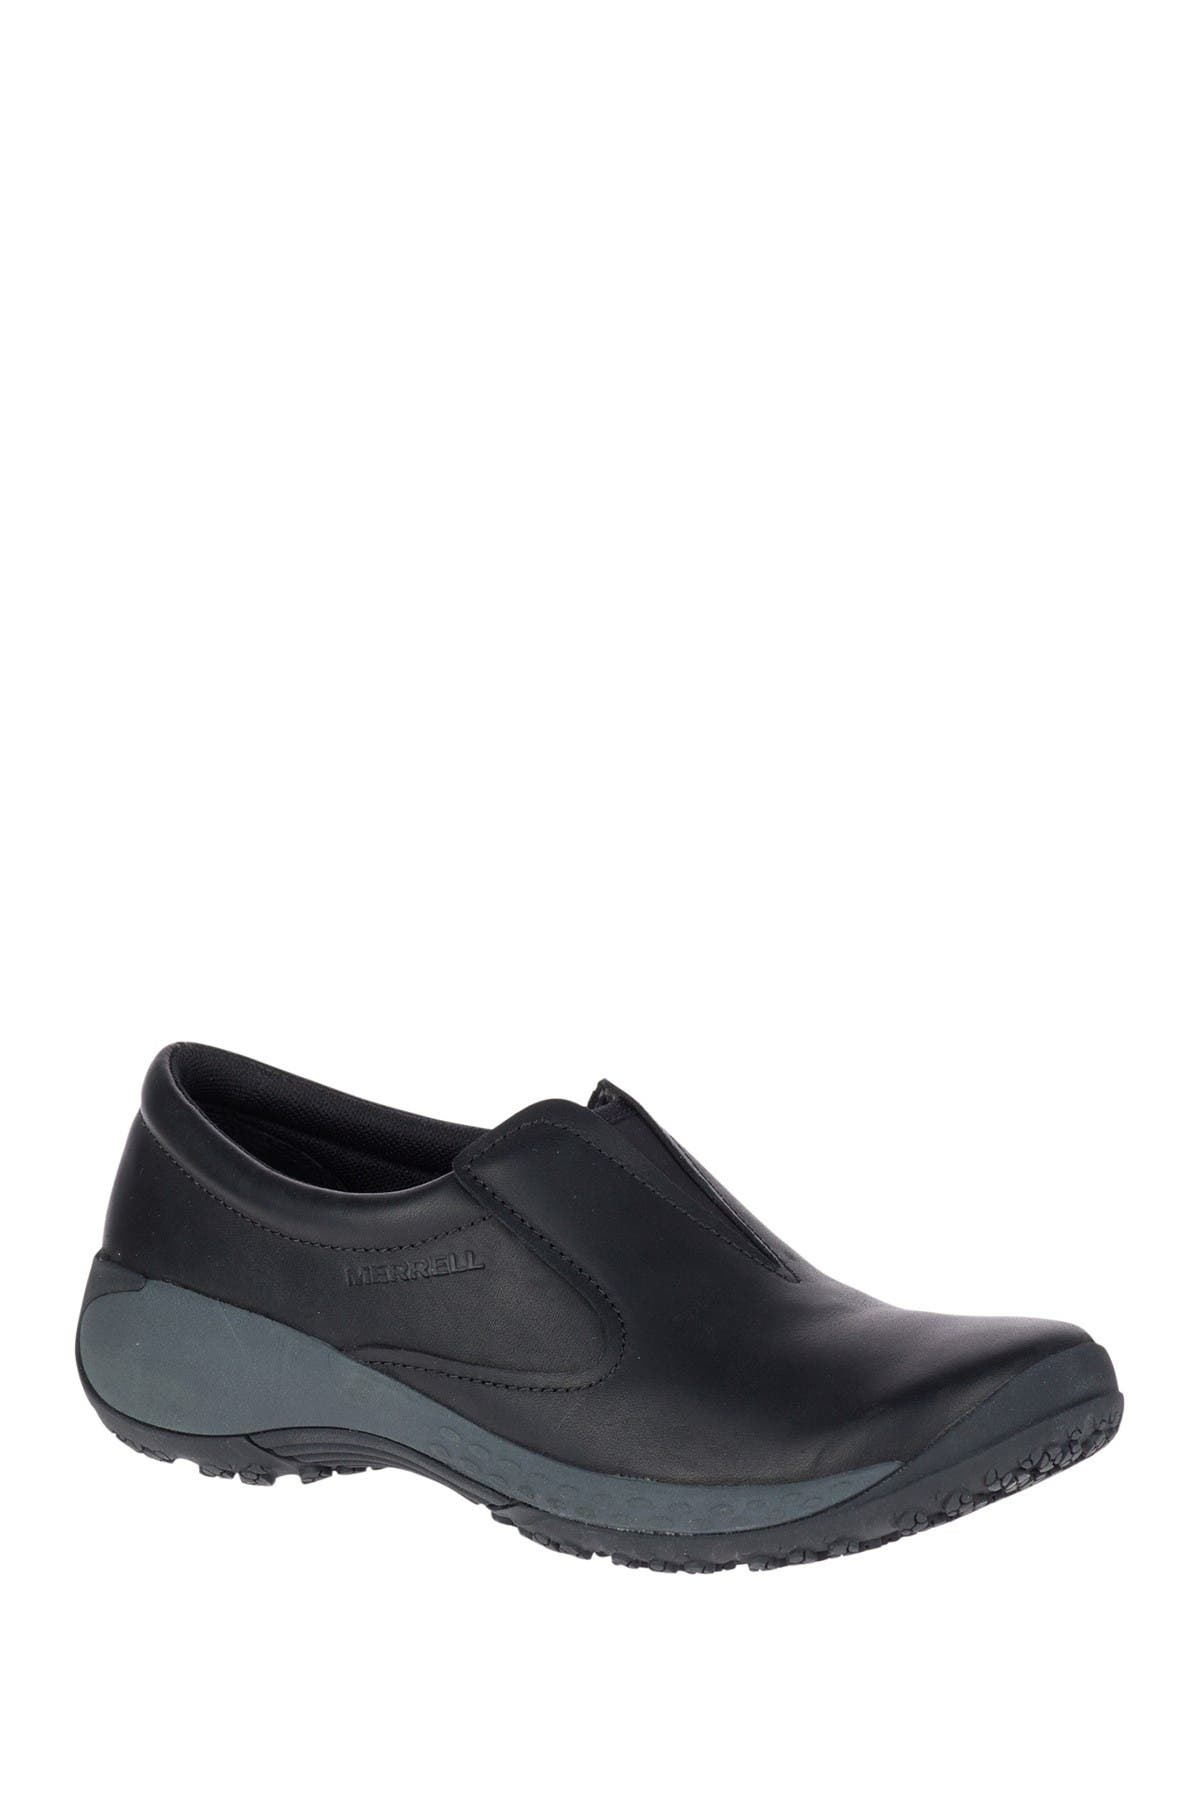 Image of Merrell Encore Moc Q2 Pro Slip-On Leather Work Shoe